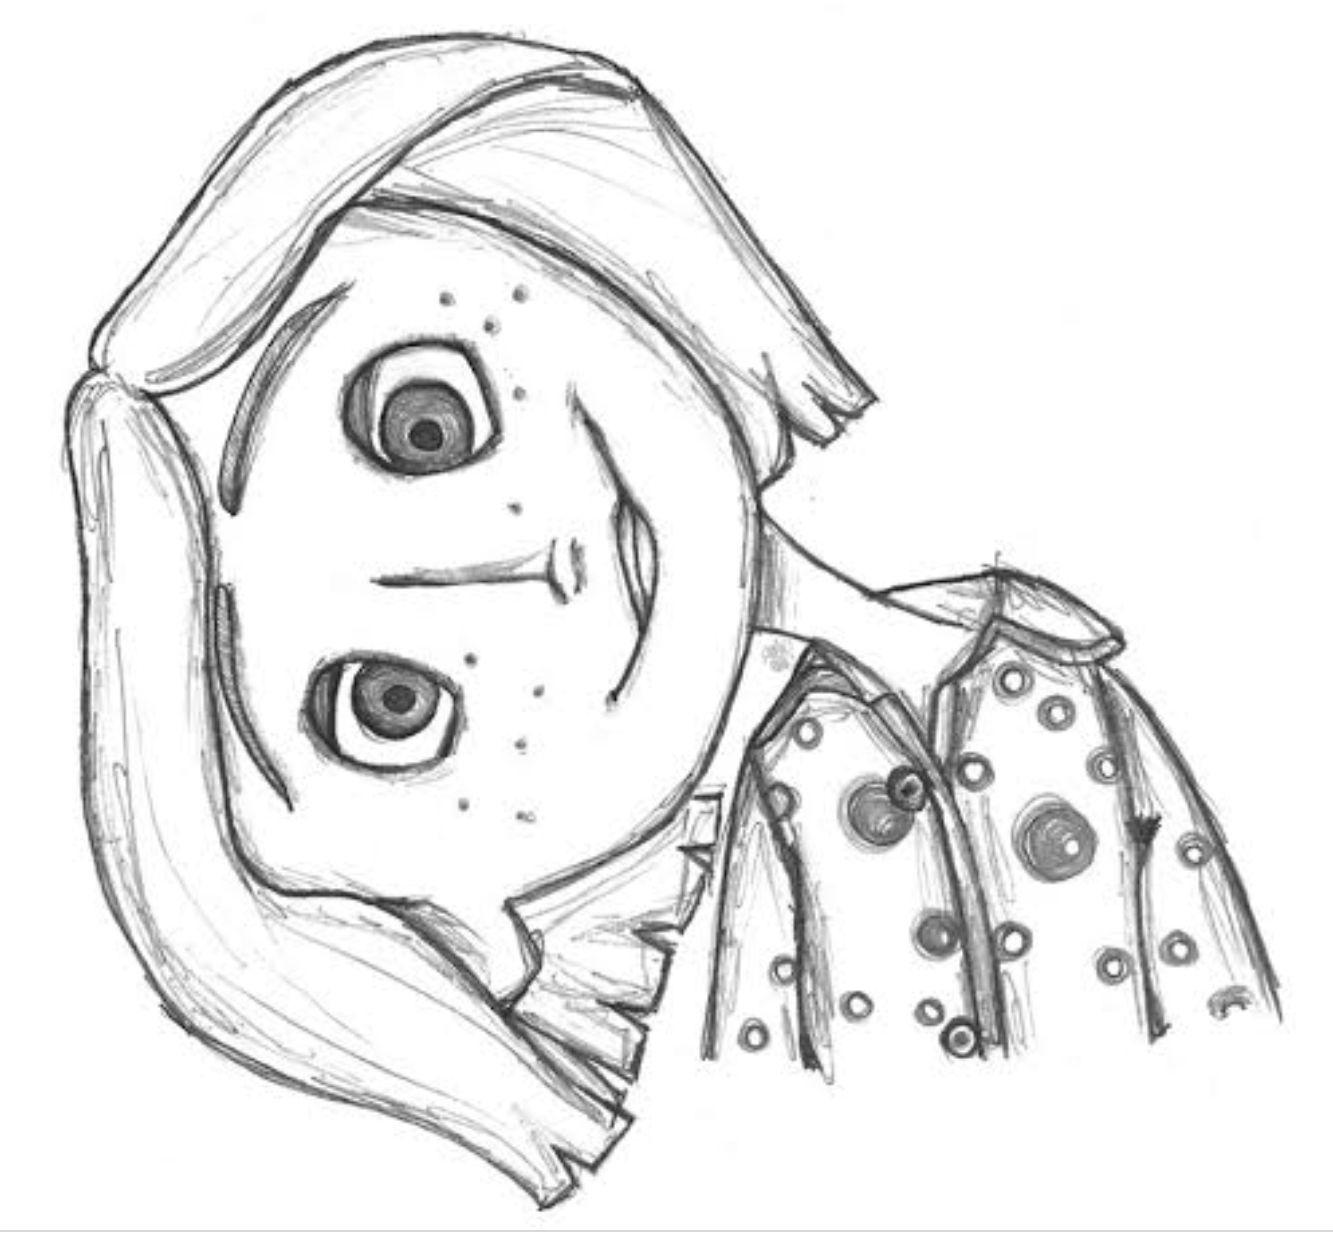 Pin By Sara Jimenez Duarte On Coraline In 2020 Disney Art Drawings Disney Drawings Sketches Art Sketchbook